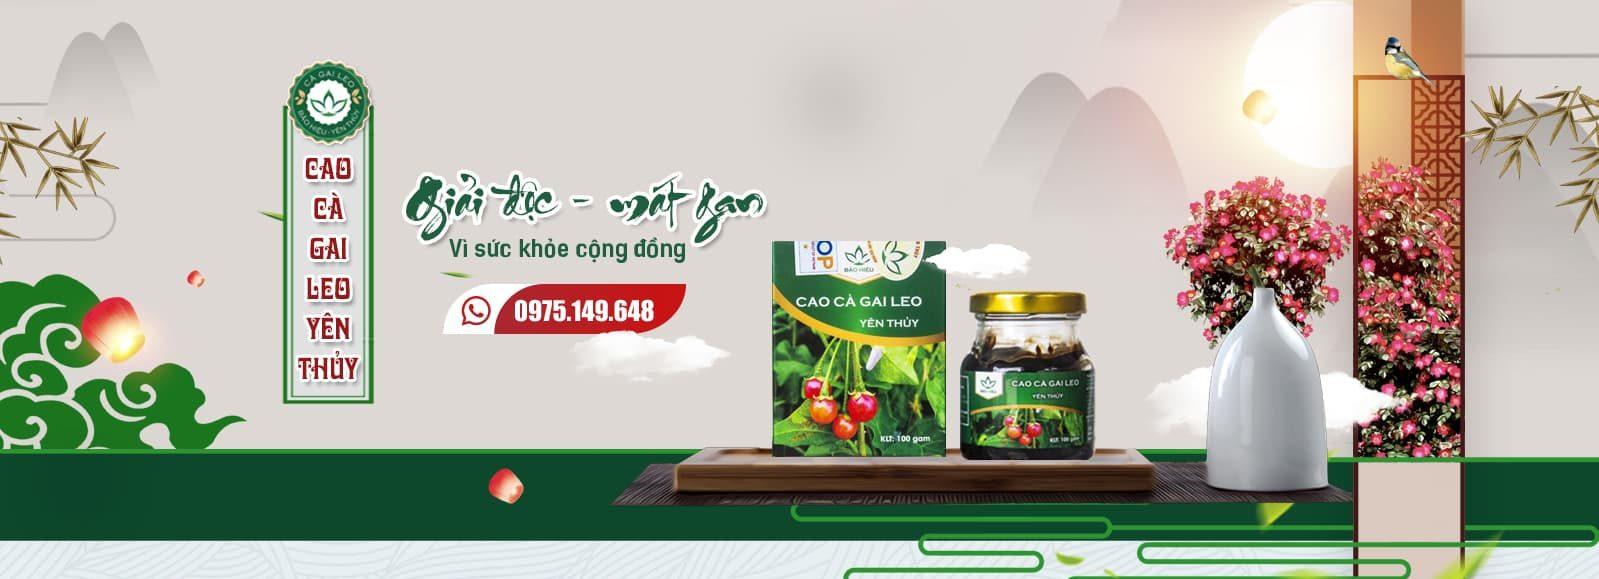 Sản phẩm Cao Cà gai leo Yên Thủy hỗ trợ giải độc gan, mát gan, giải rượu 100gram